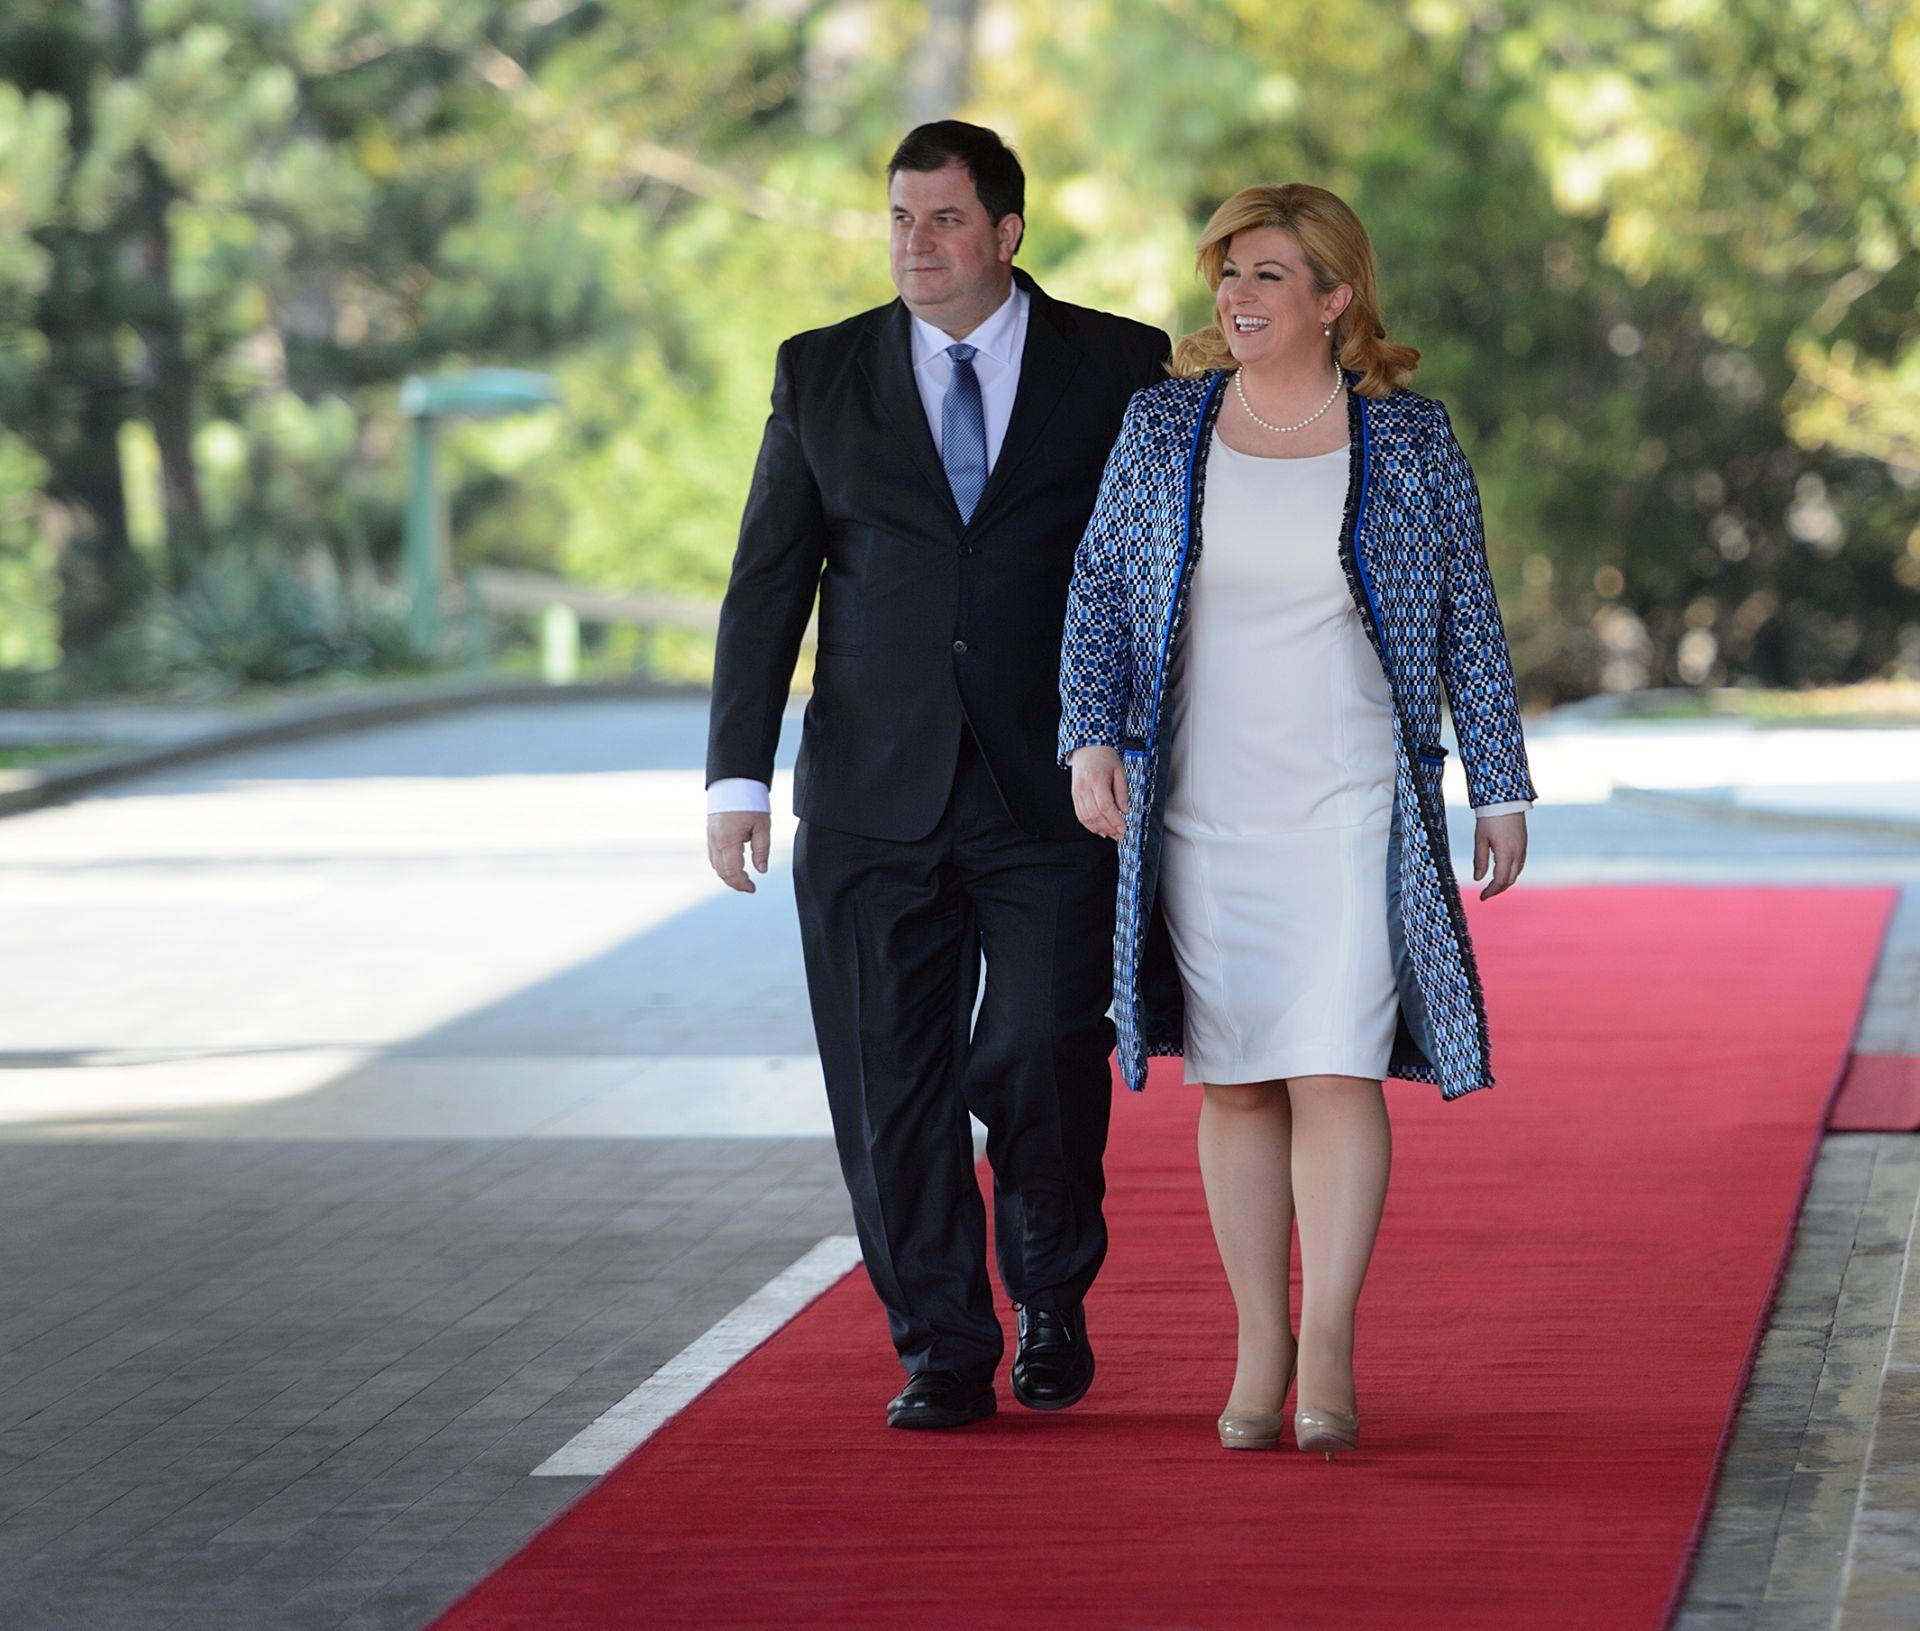 TROŠKOVE ĆE OSOBNO PODMIRITI: Predsjednica od 25. srpnja do 2. kolovoza na Brijunima